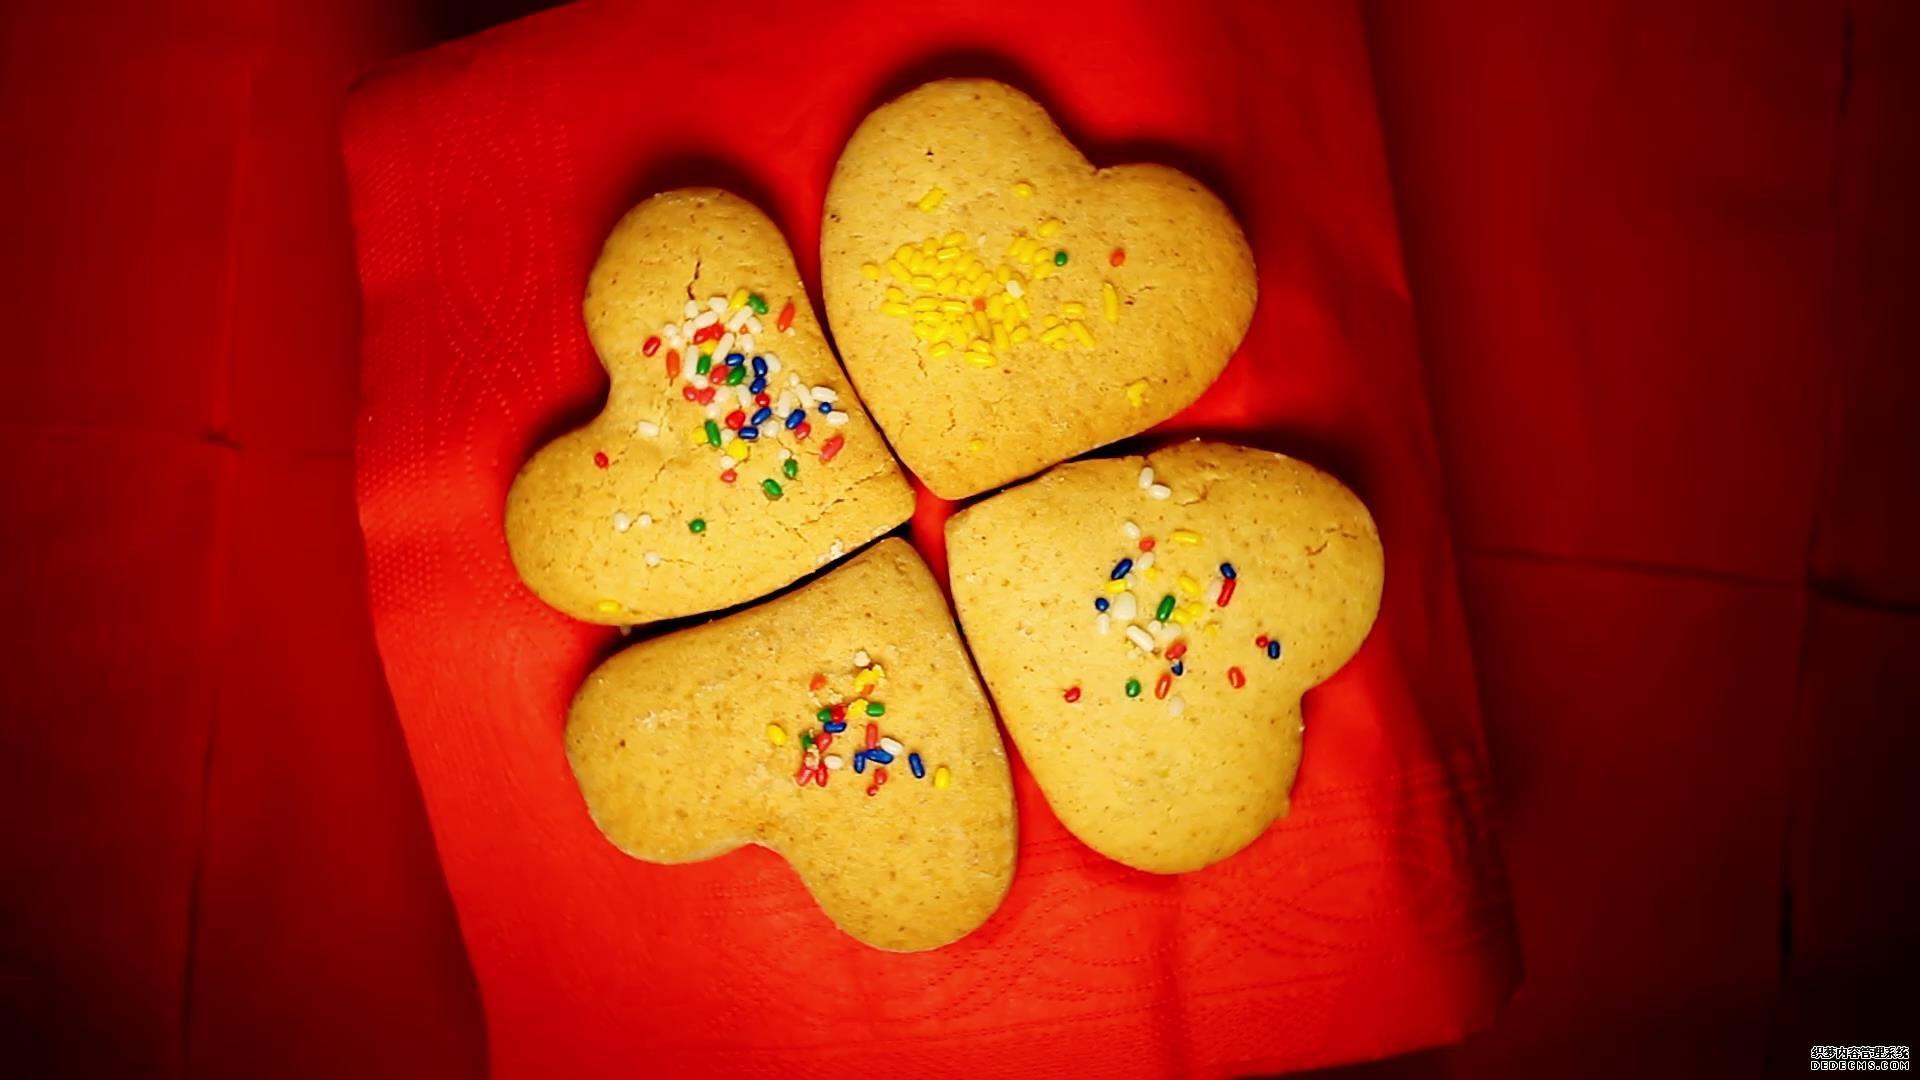 情人节礼物可爱心形曲奇饼干旋转高清实拍